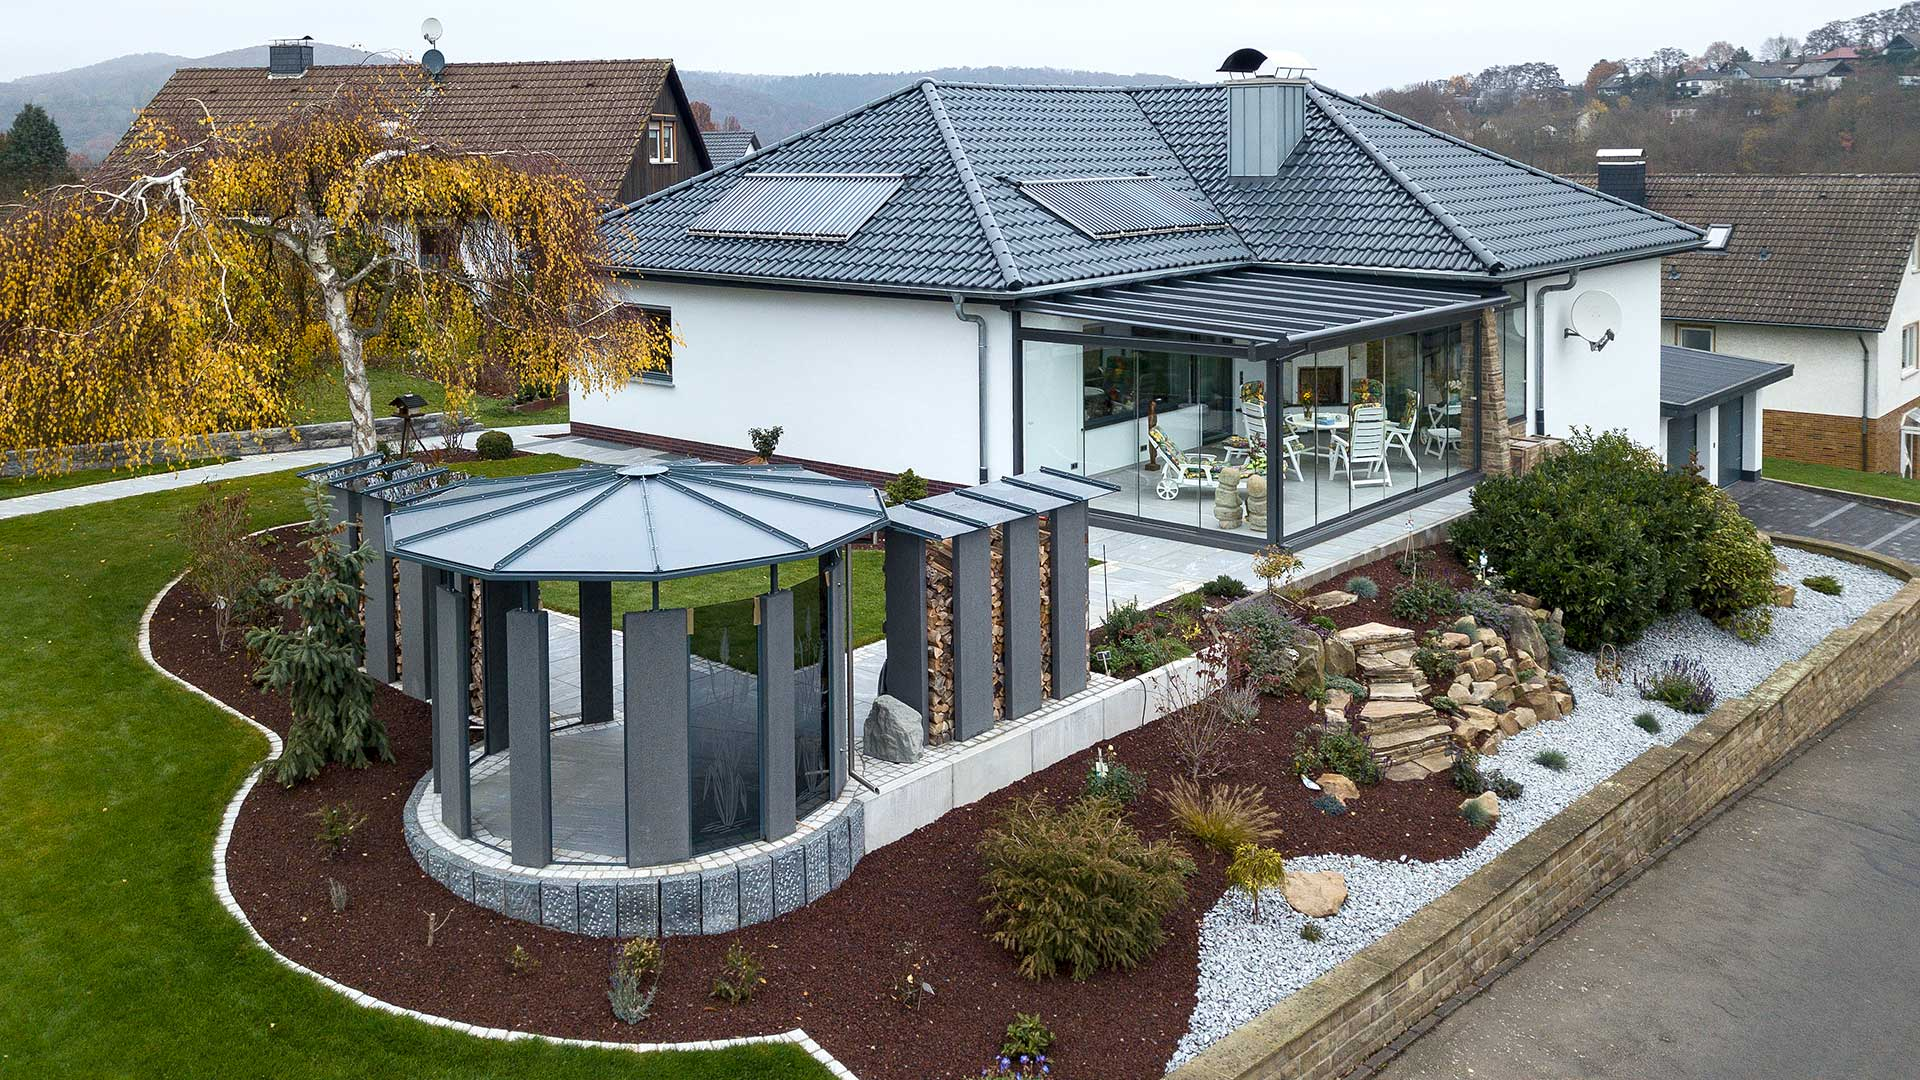 Architekturfotografie, Drohne: Luftaufnahme Haus | Foto: Dieter Eikenberg, imprints